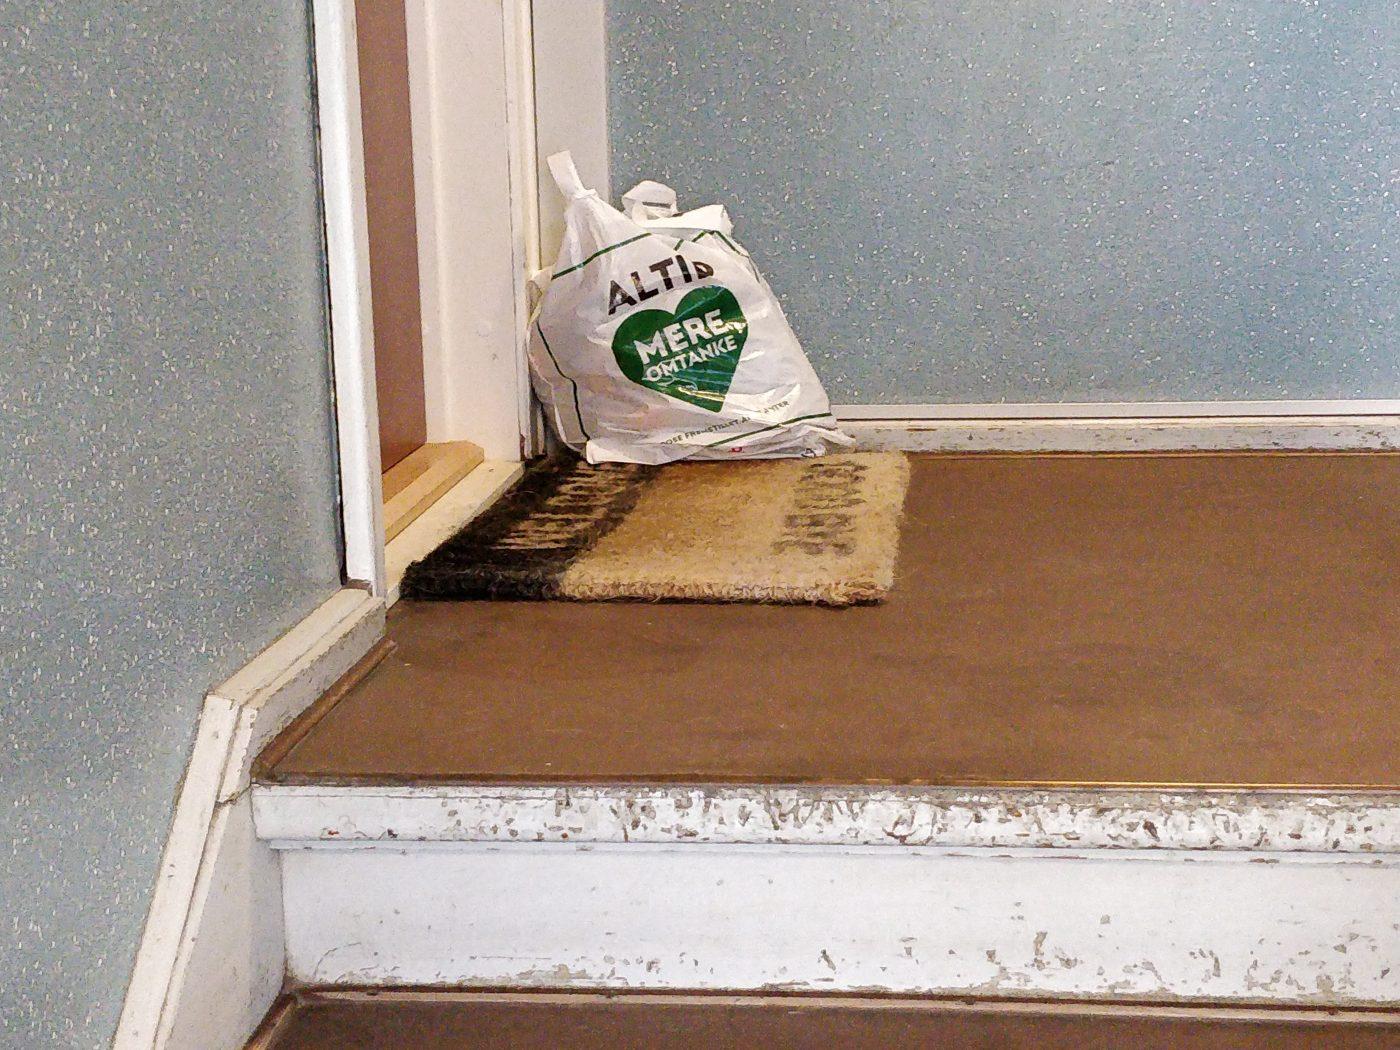 """En plastikpose med affald i trappeopgangen. På posen står der """"Altid mere omtanke"""""""